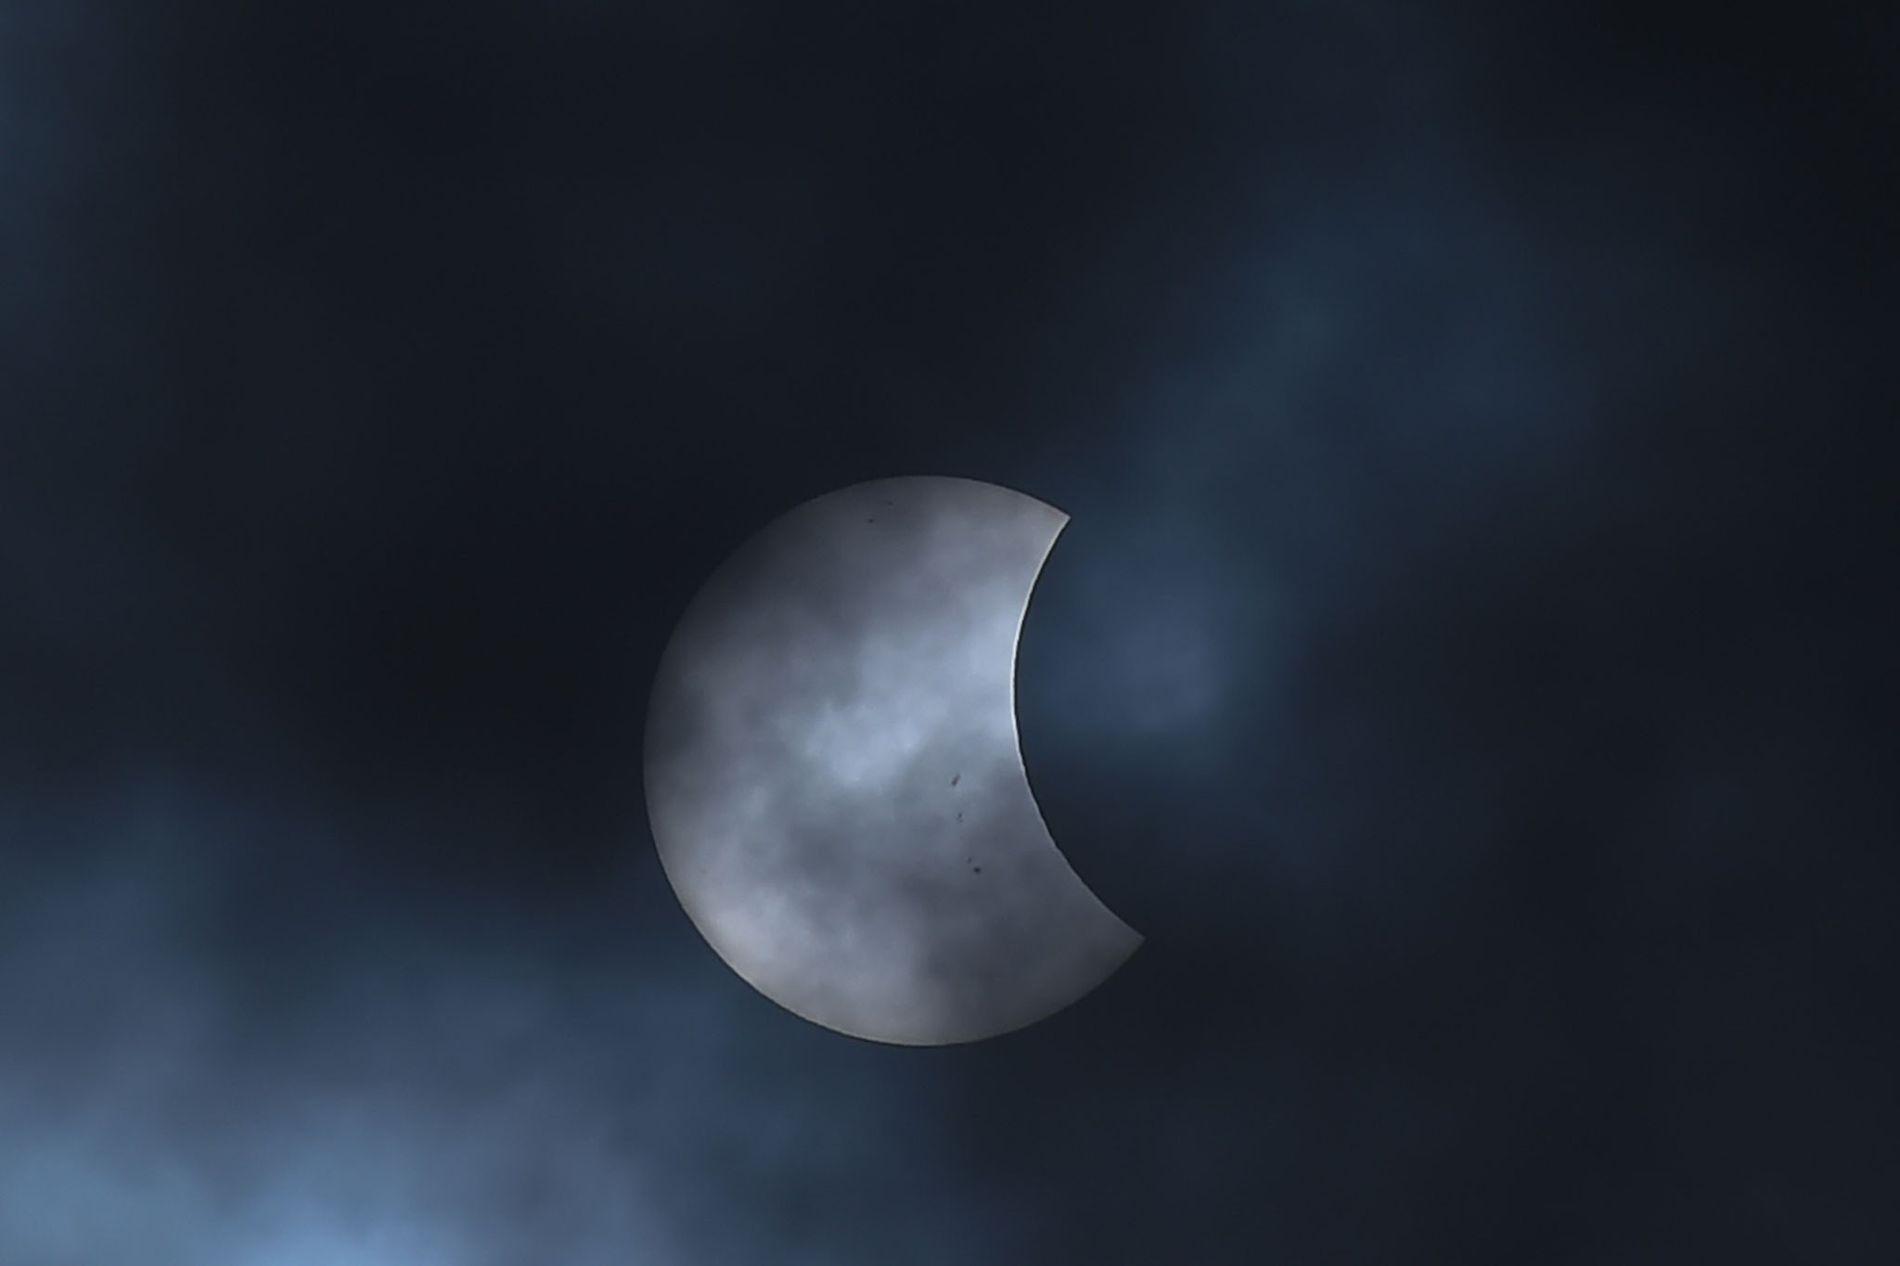 La Lune glisse devant le Soleil pendant une éclipse solaire partielle observée depuis Bogotá, en Colombie, en août 2017.